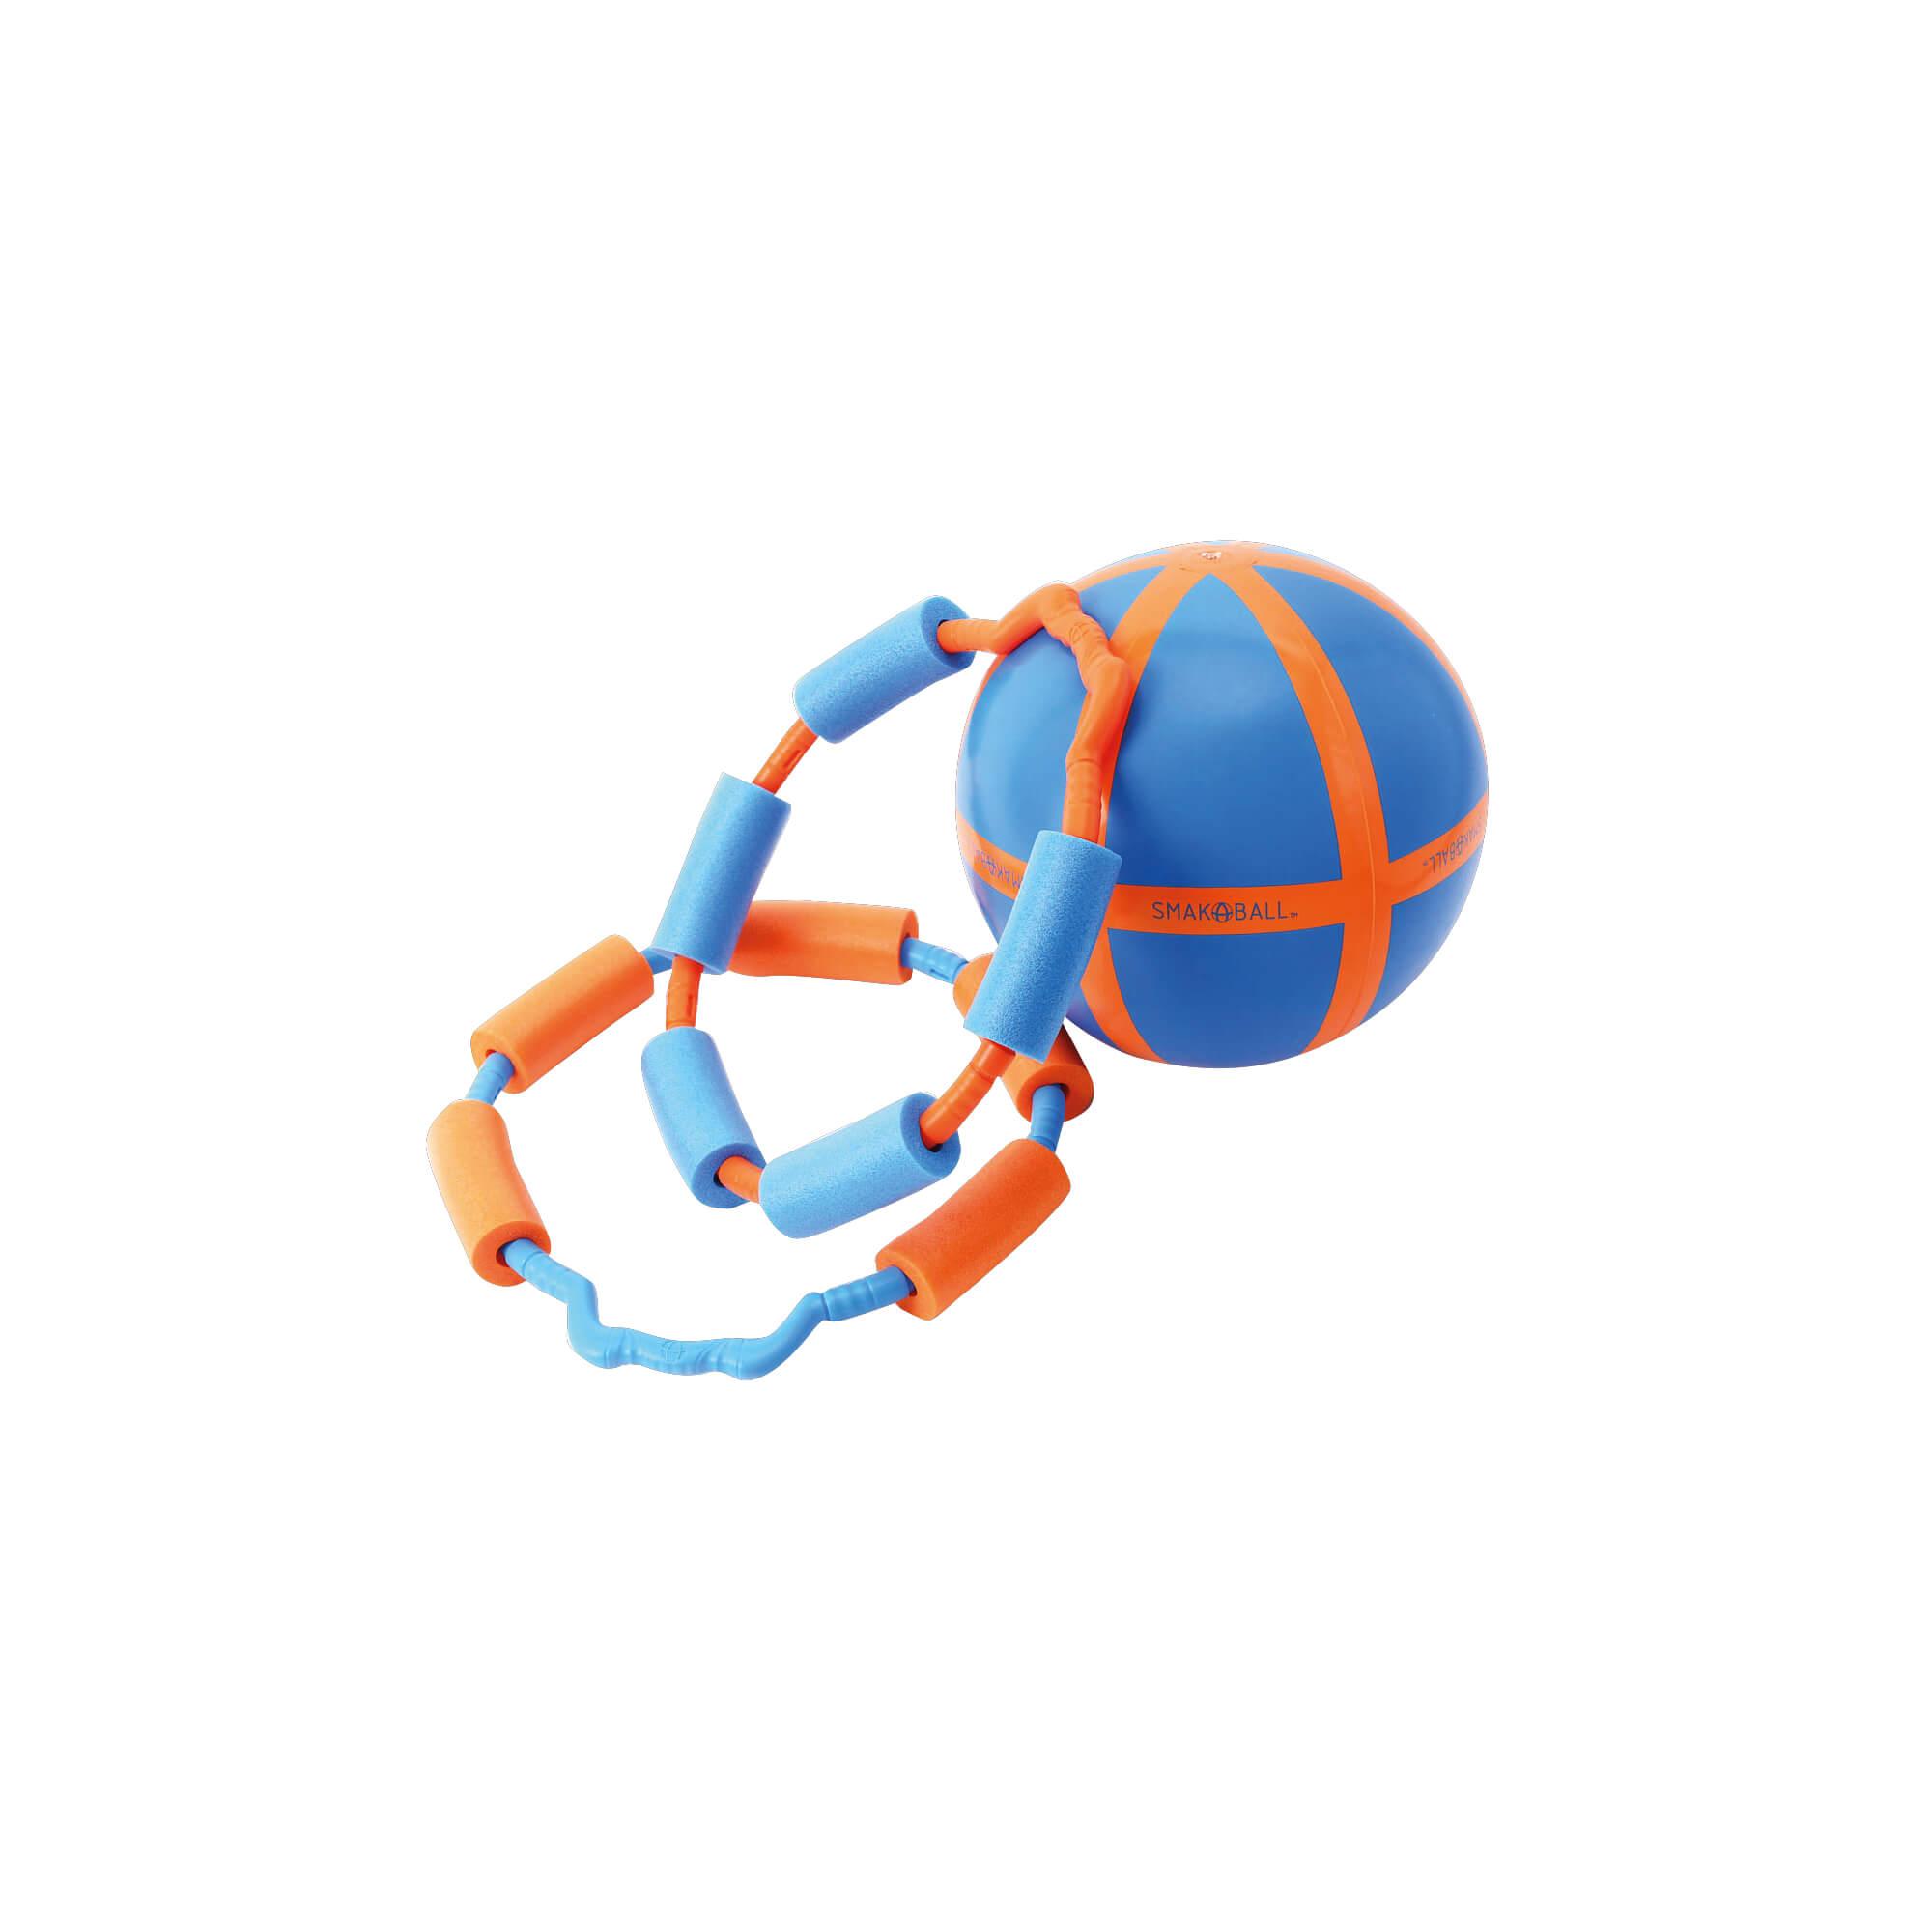 Smak-a-Ball imagine